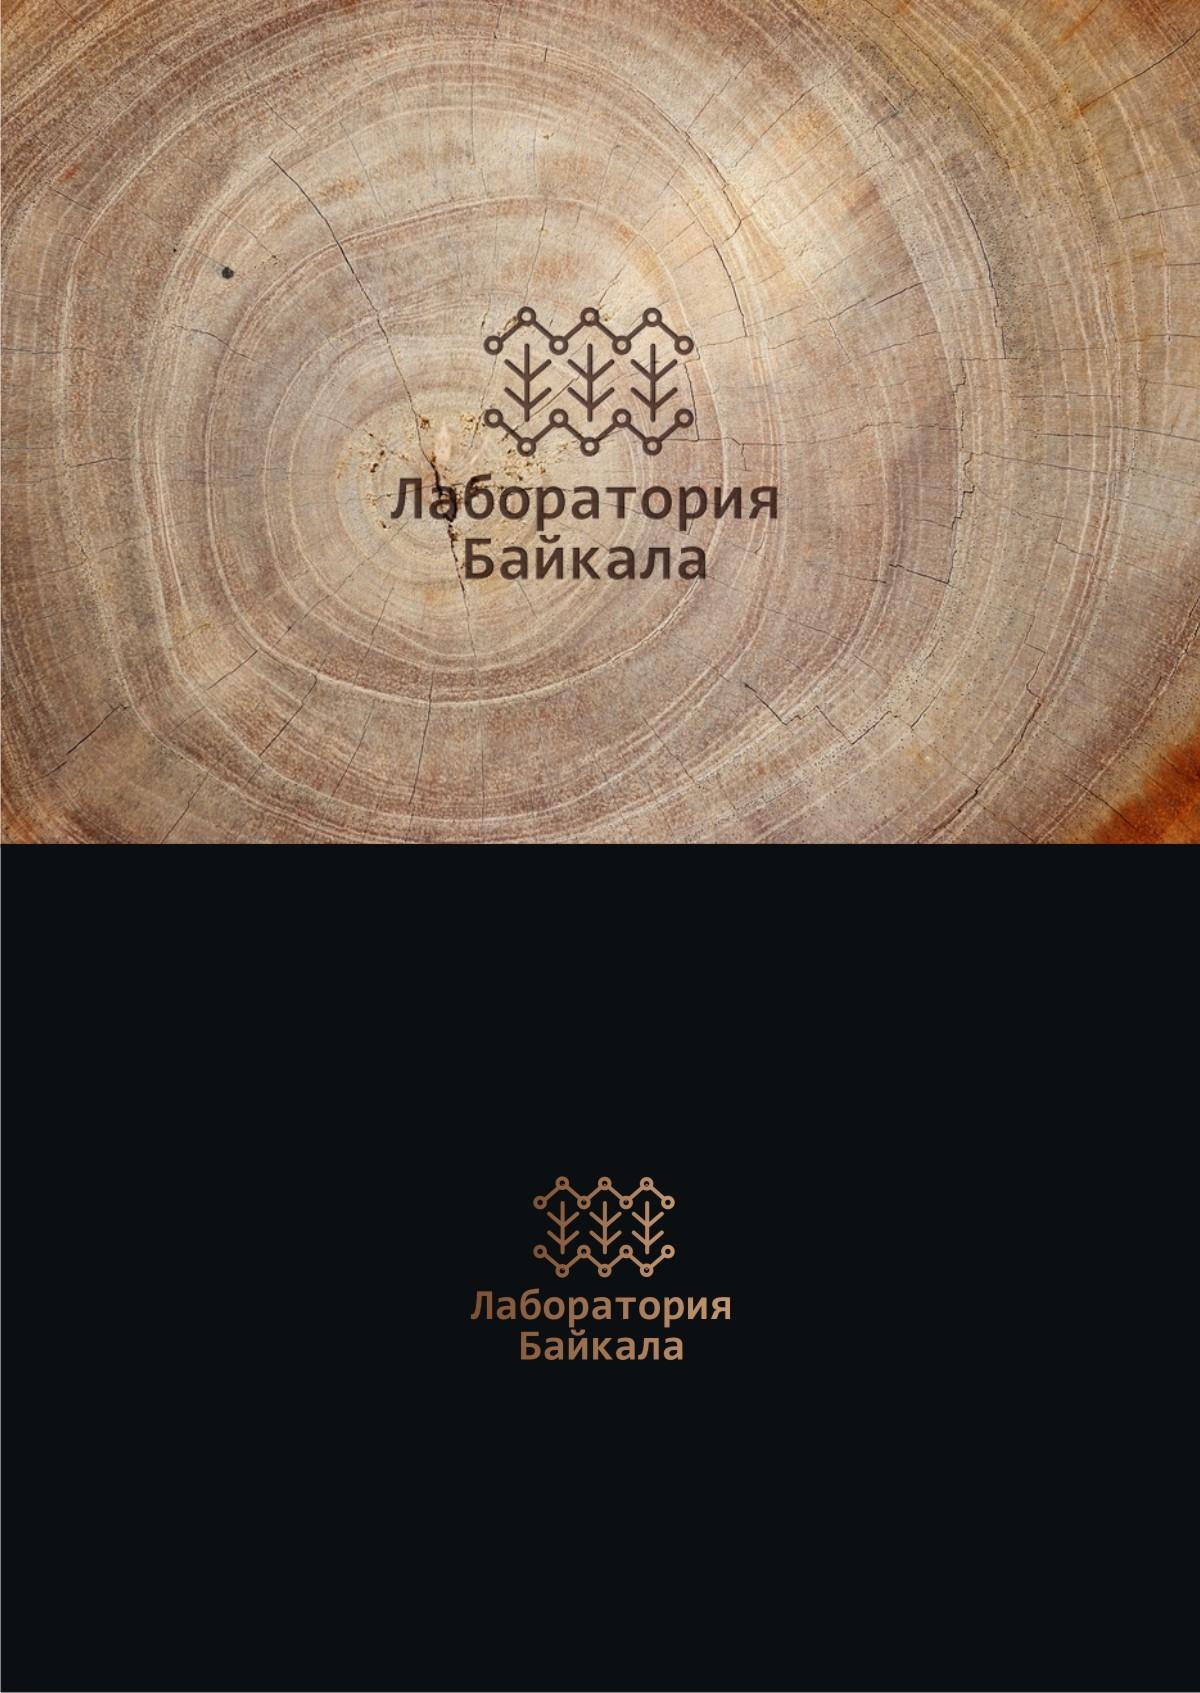 Разработка логотипа торговой марки фото f_173596b0f086e433.jpg